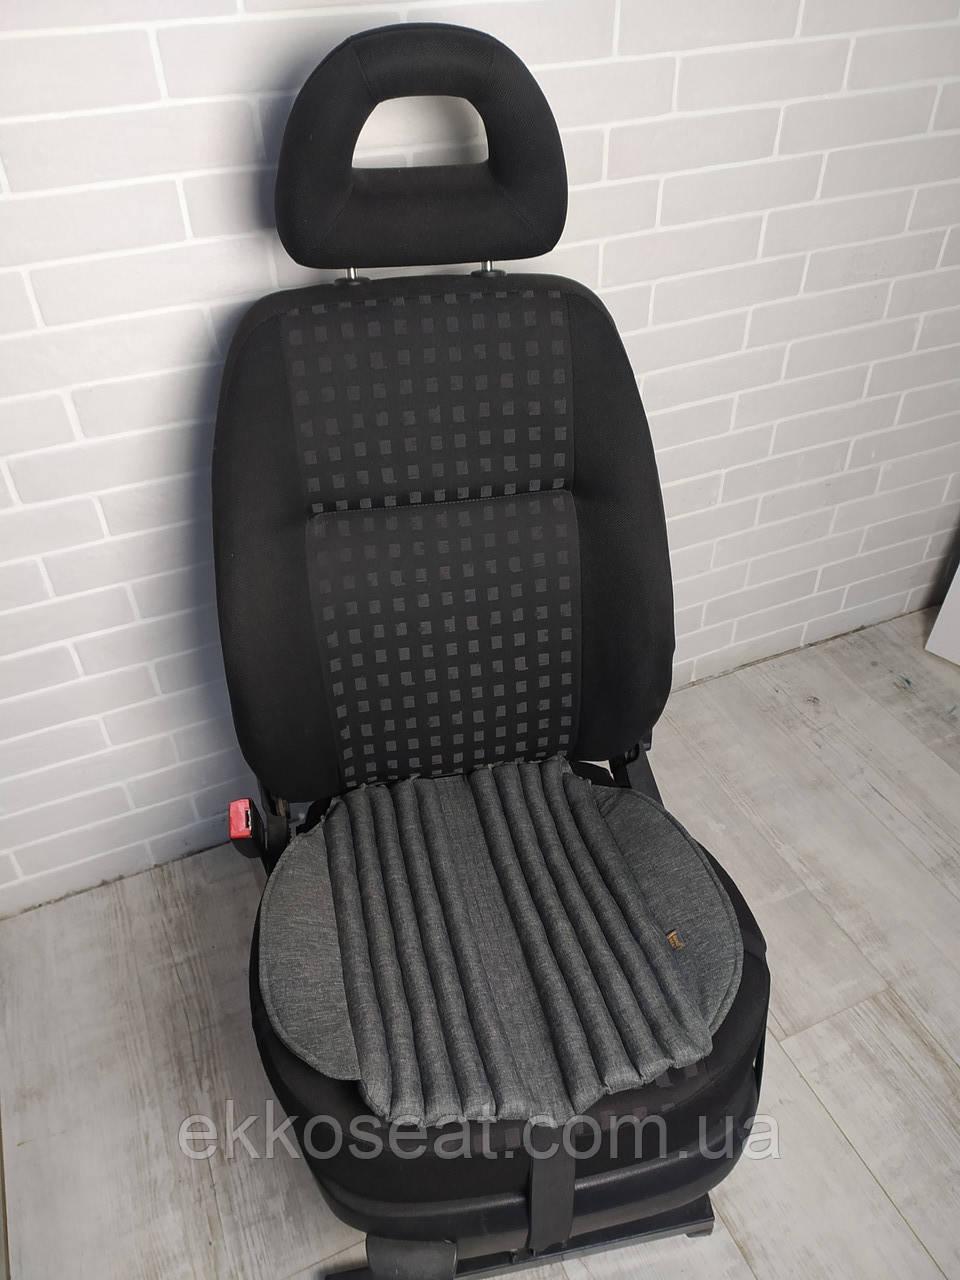 Ортопедичні подушки сидіння EKKOSEAT на автомобільне крісло. Універсальна.